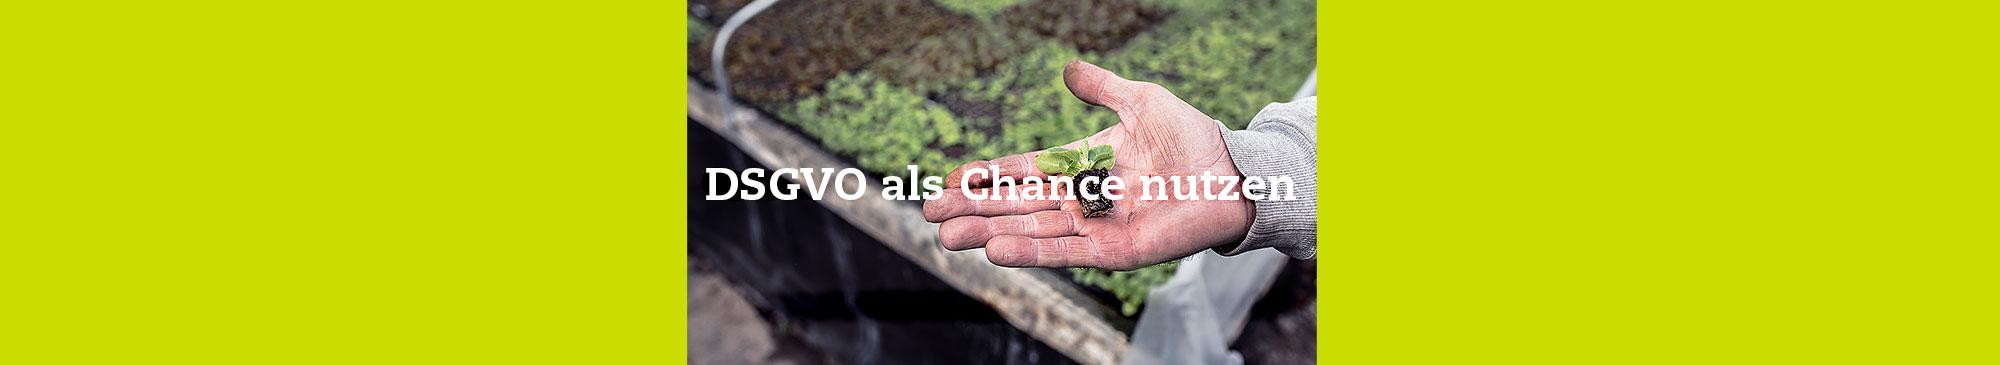 Nutzen Sie Ihre Chancen aus der DSGVO